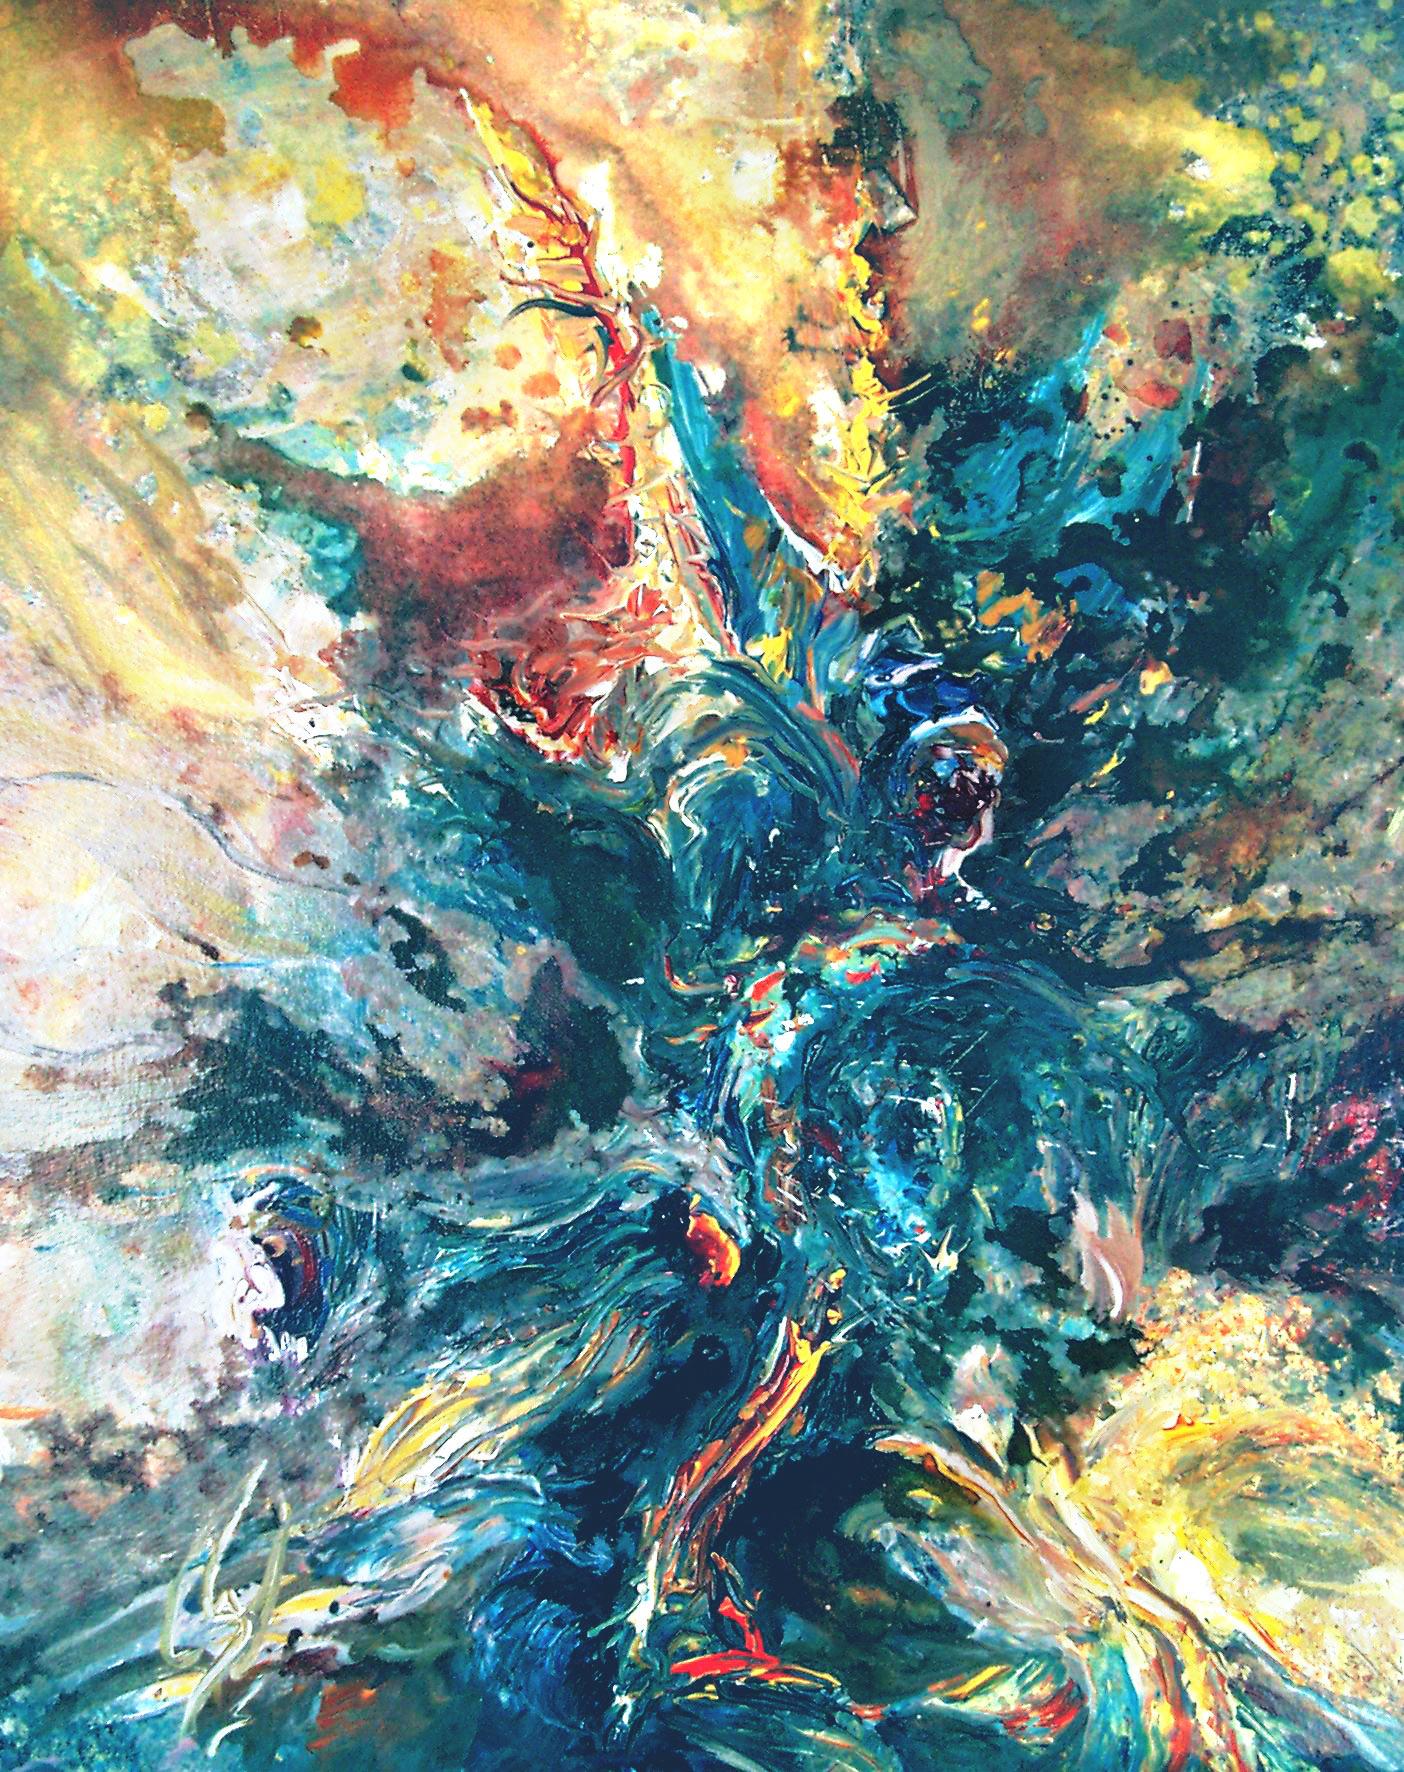 STARFISH - 30 x 24, acrylic on canvas